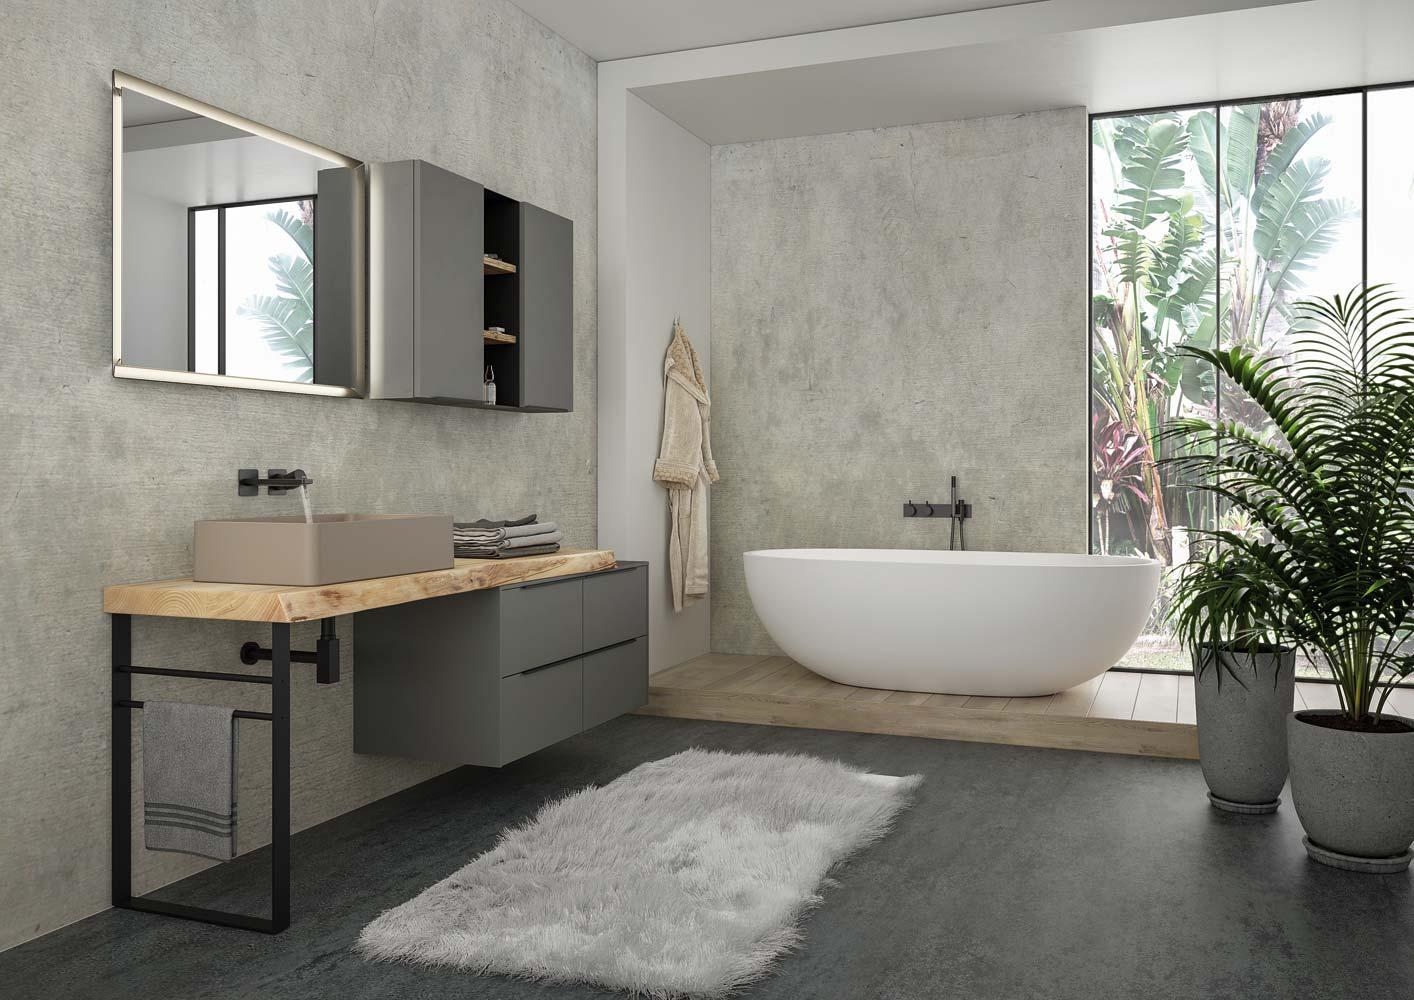 Armadietto Bagno Moderno mobile bagno moderno con lavabo a terra – castagno naturale levigato –  laccato grigio fumo